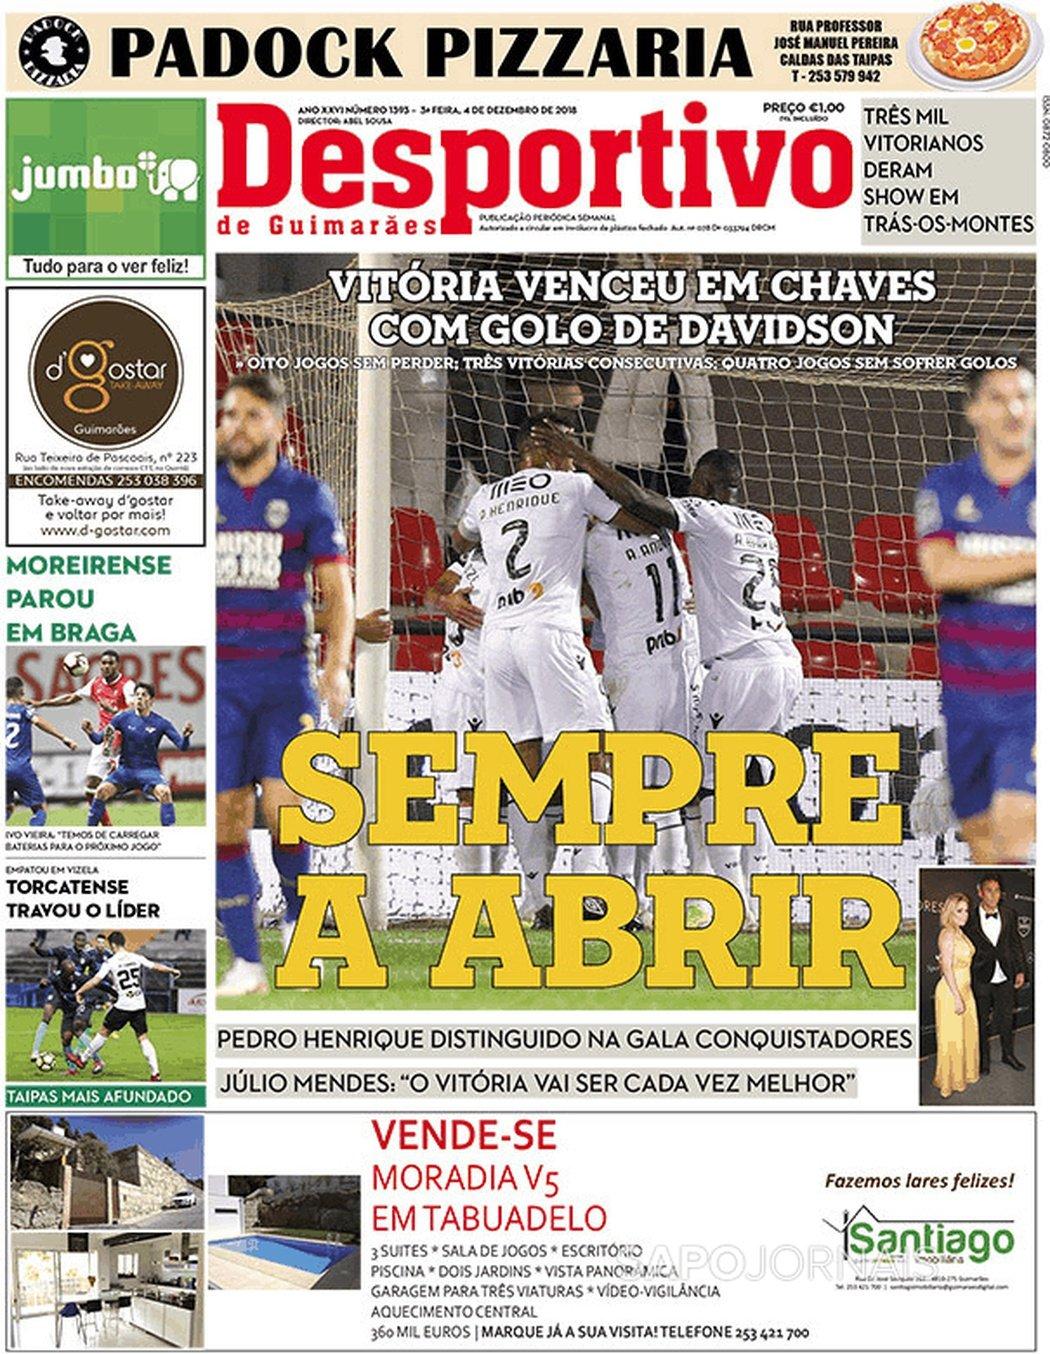 Banca De Jornais Desportivo De Guimarães 05 12 2018 Futebol 365